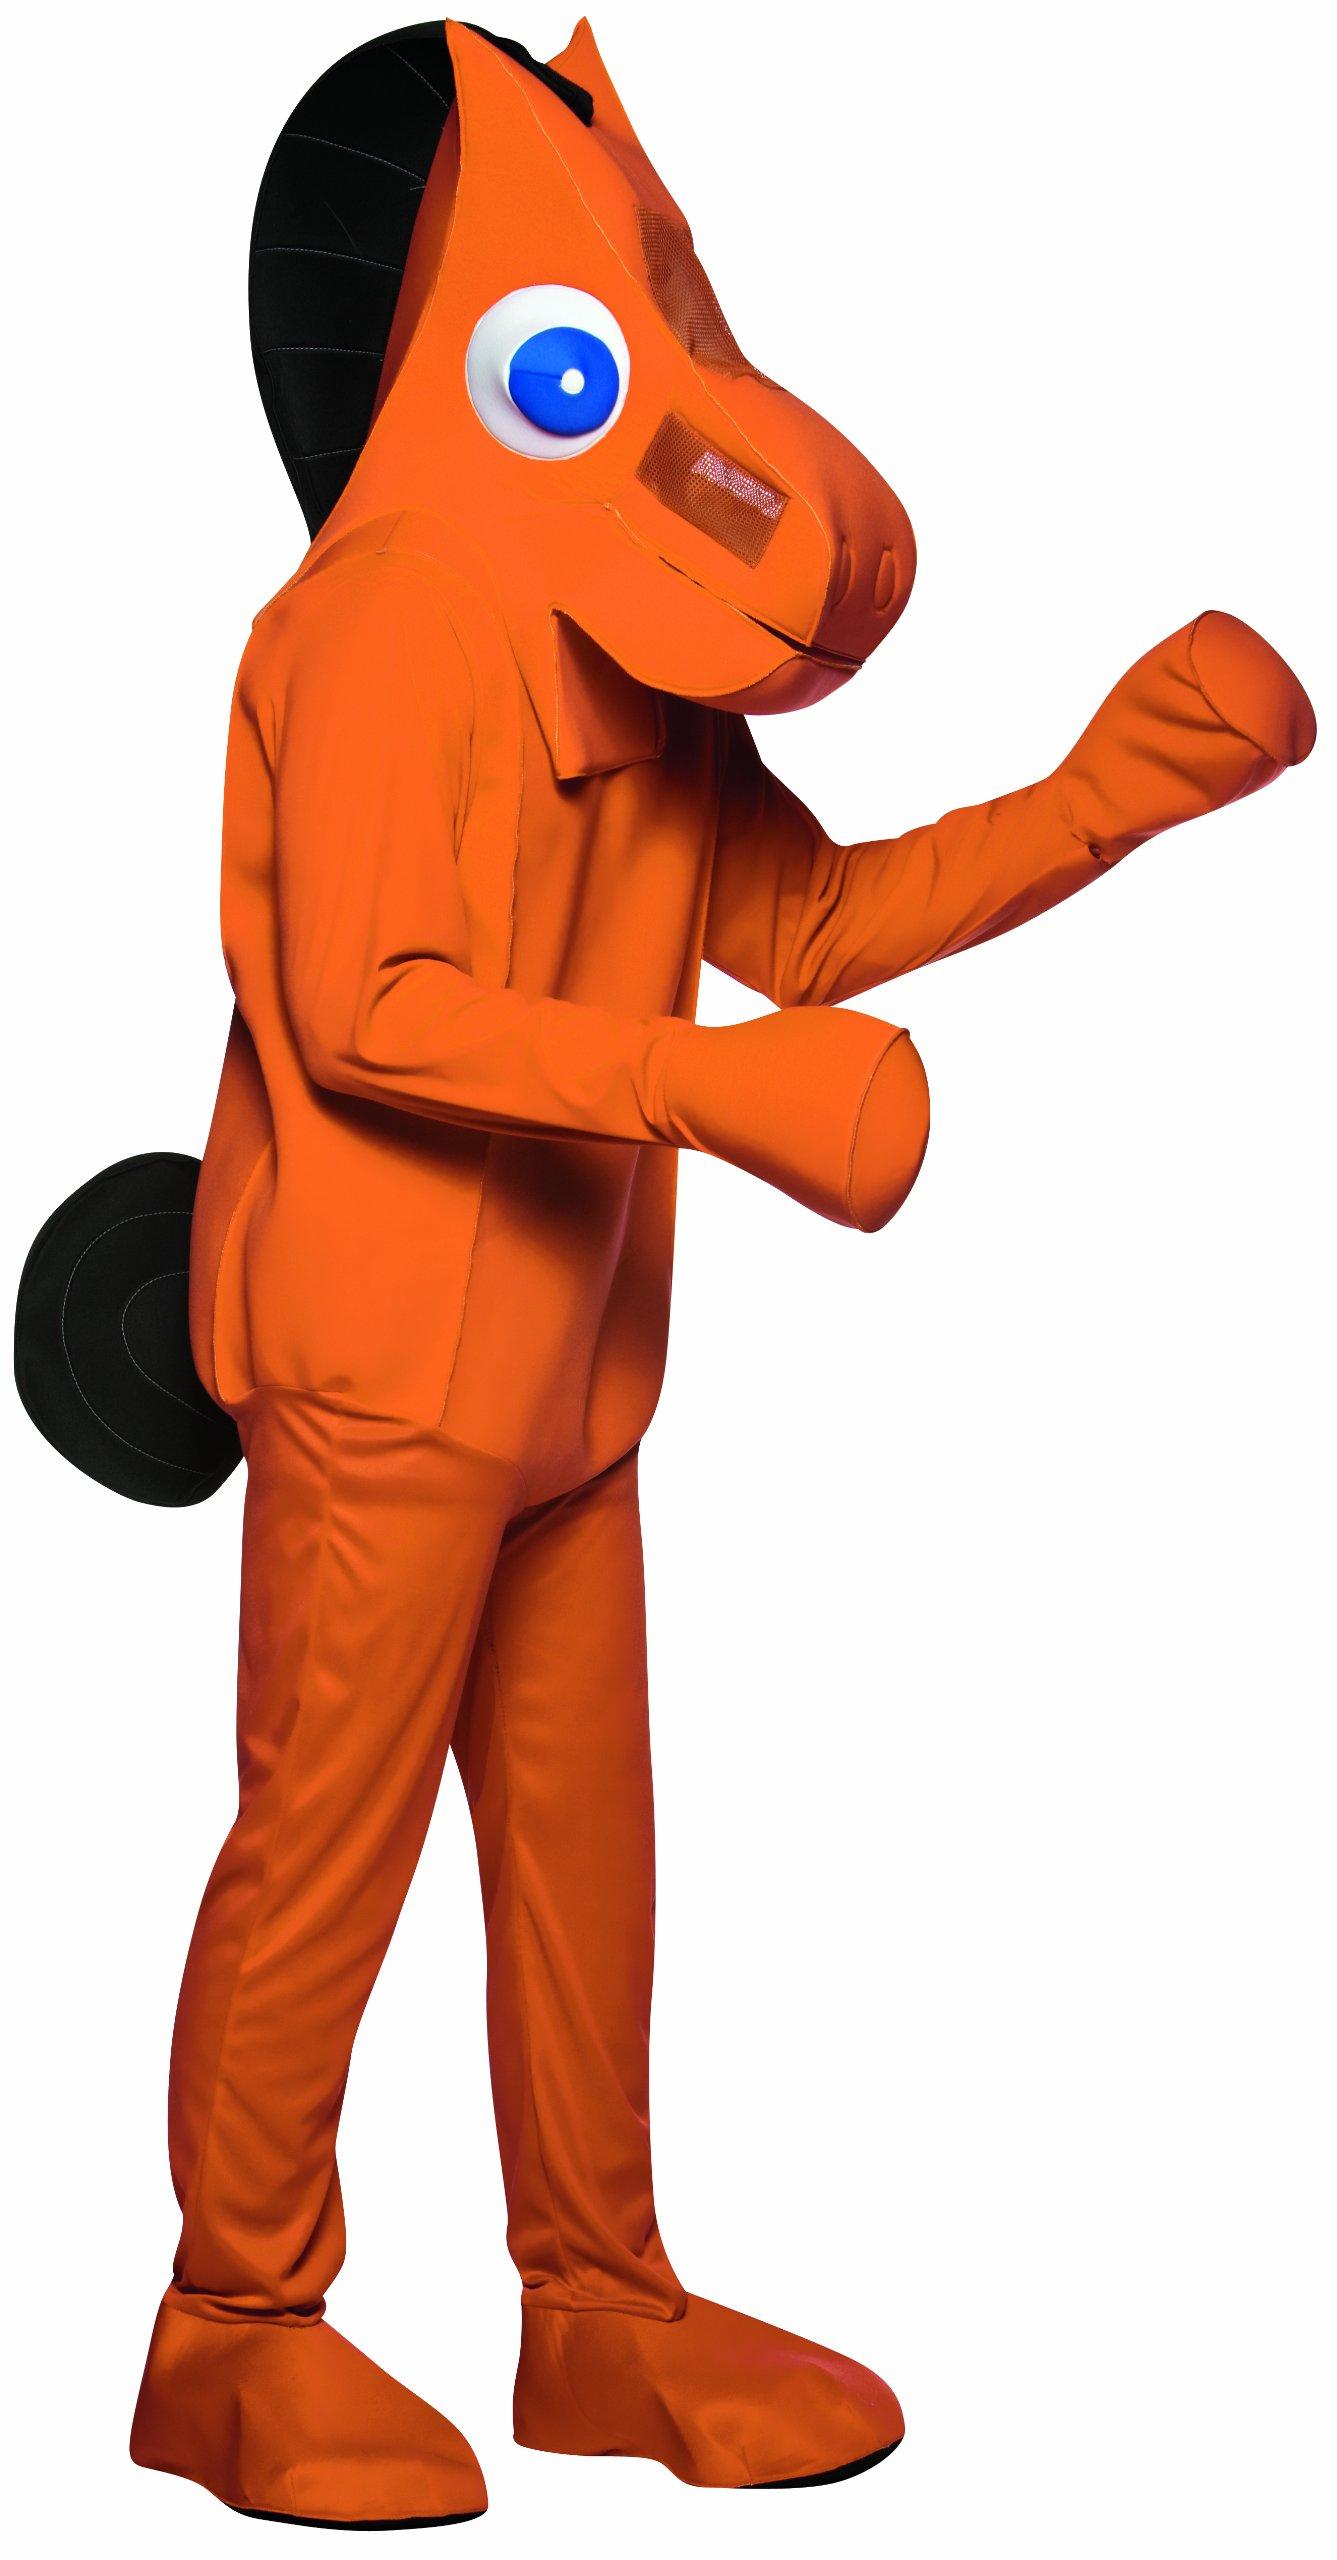 Rasta Imposta Pokey Costume, Orange, One Size by Rasta Imposta